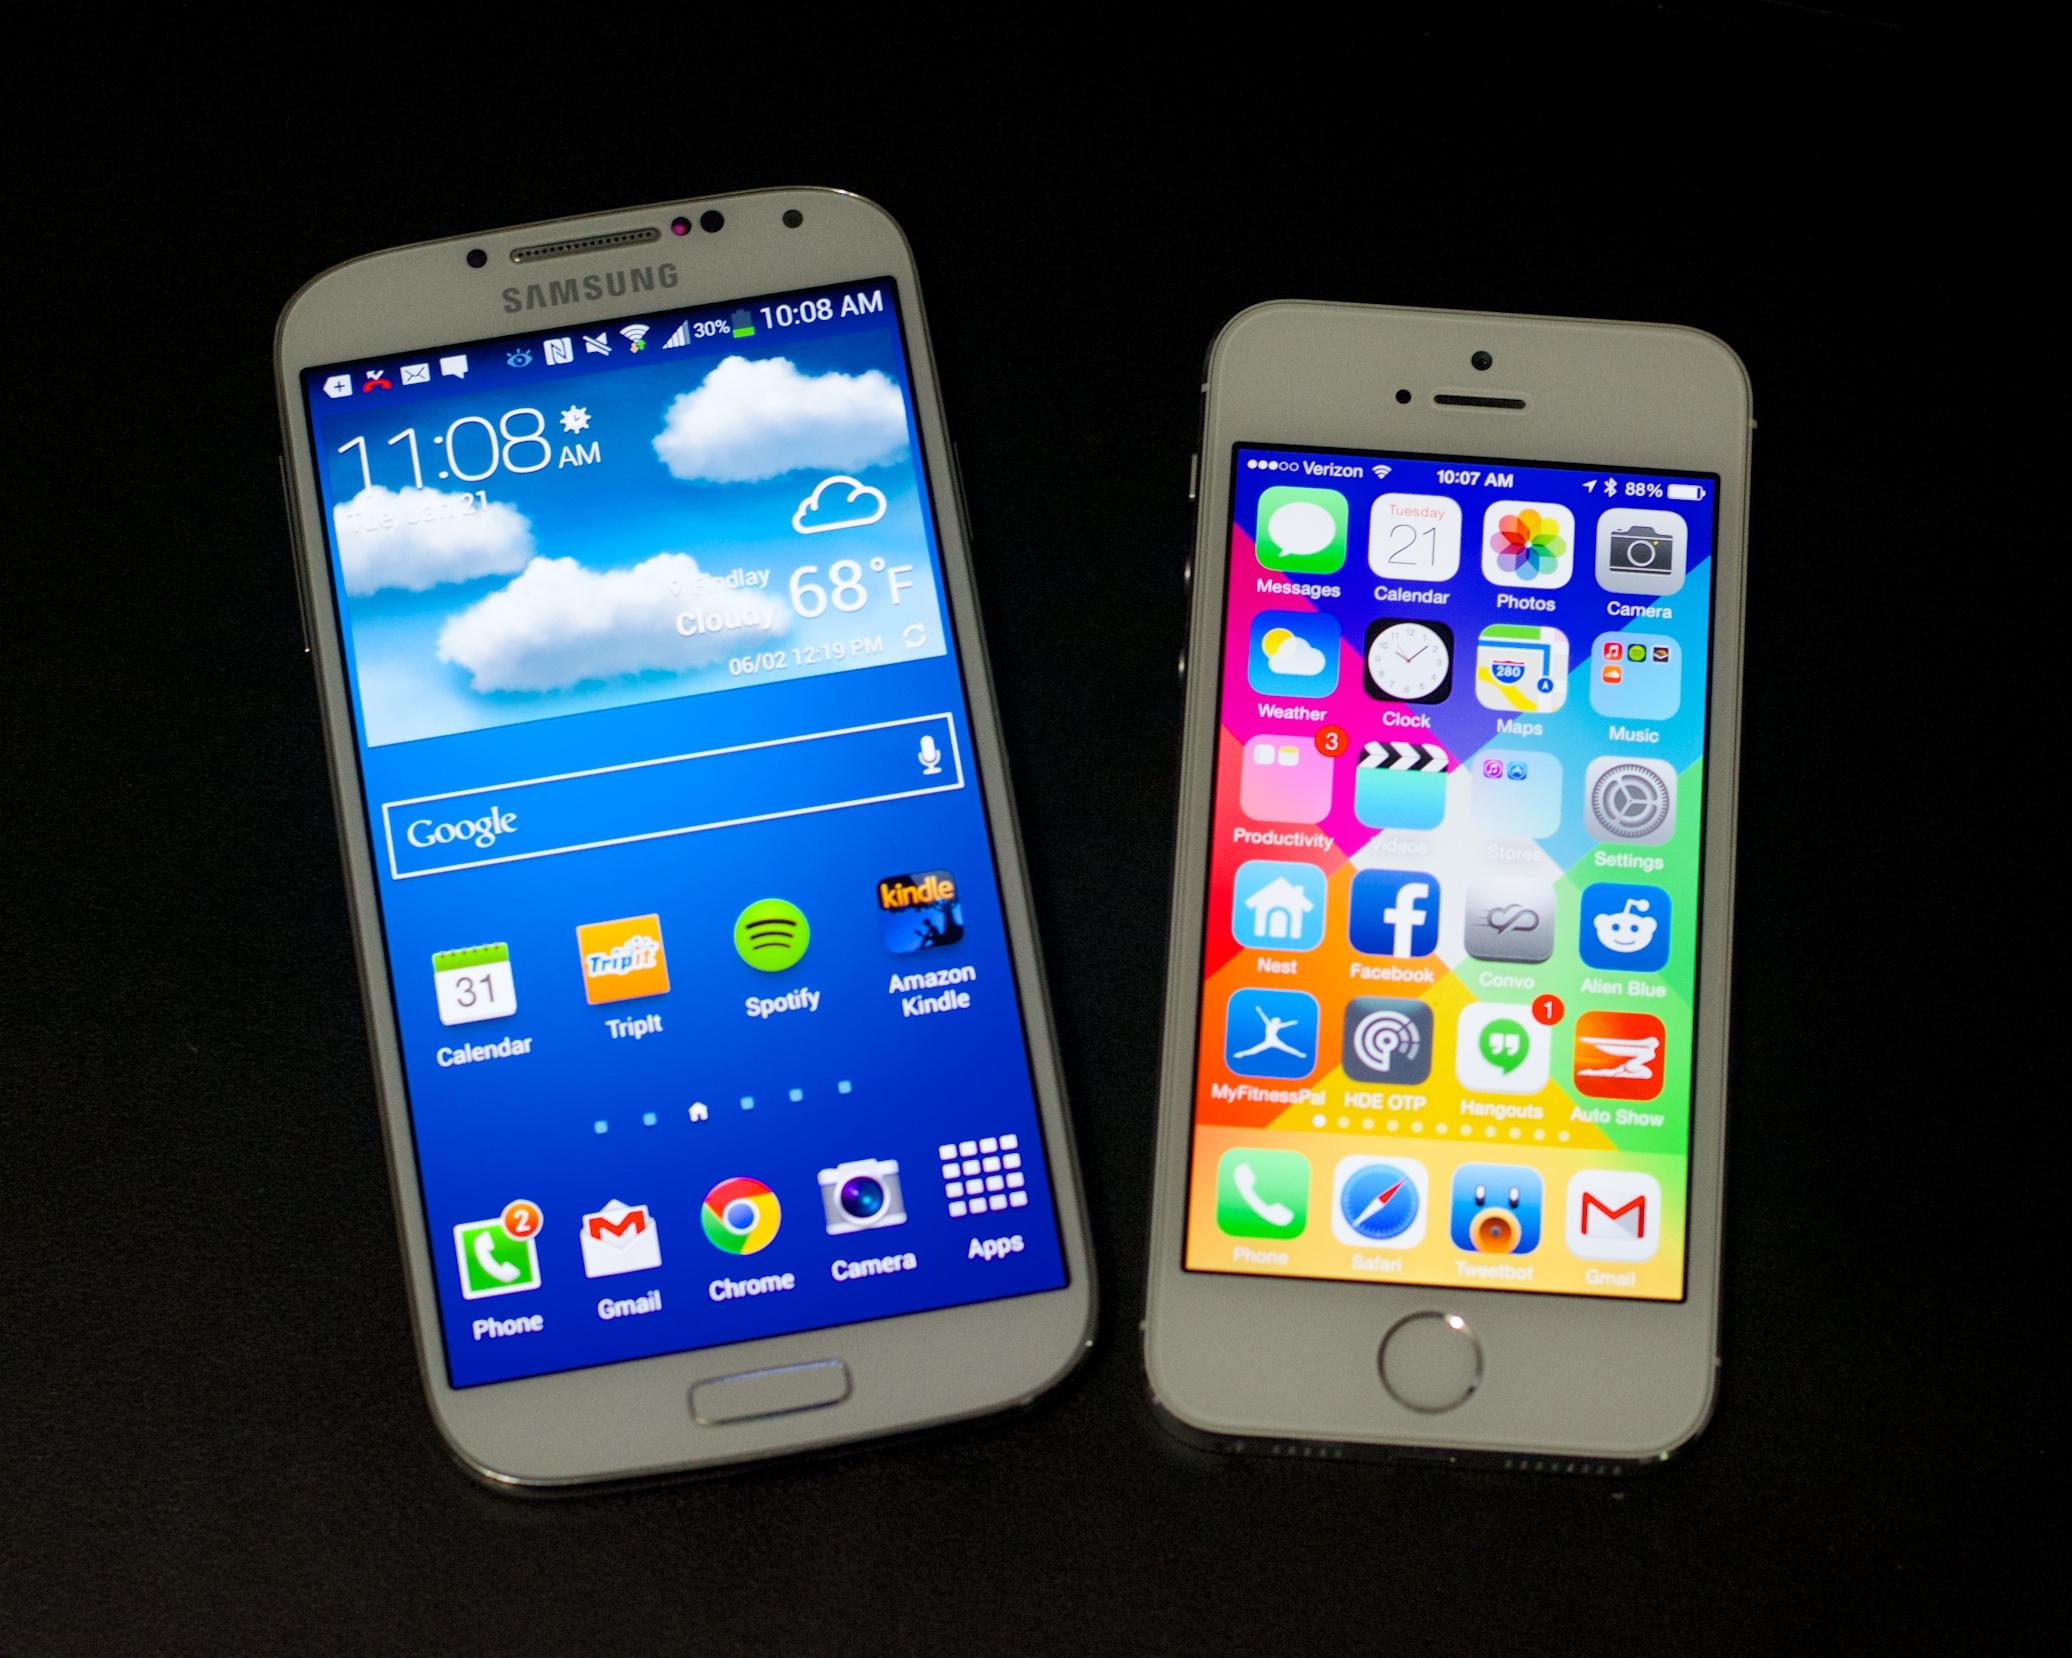 Källor säger att Apple planerar två iPhone 6 -modeller med större skärmar för att bättre konkurrera med Galaxy S5 och Galaxy Note 4.